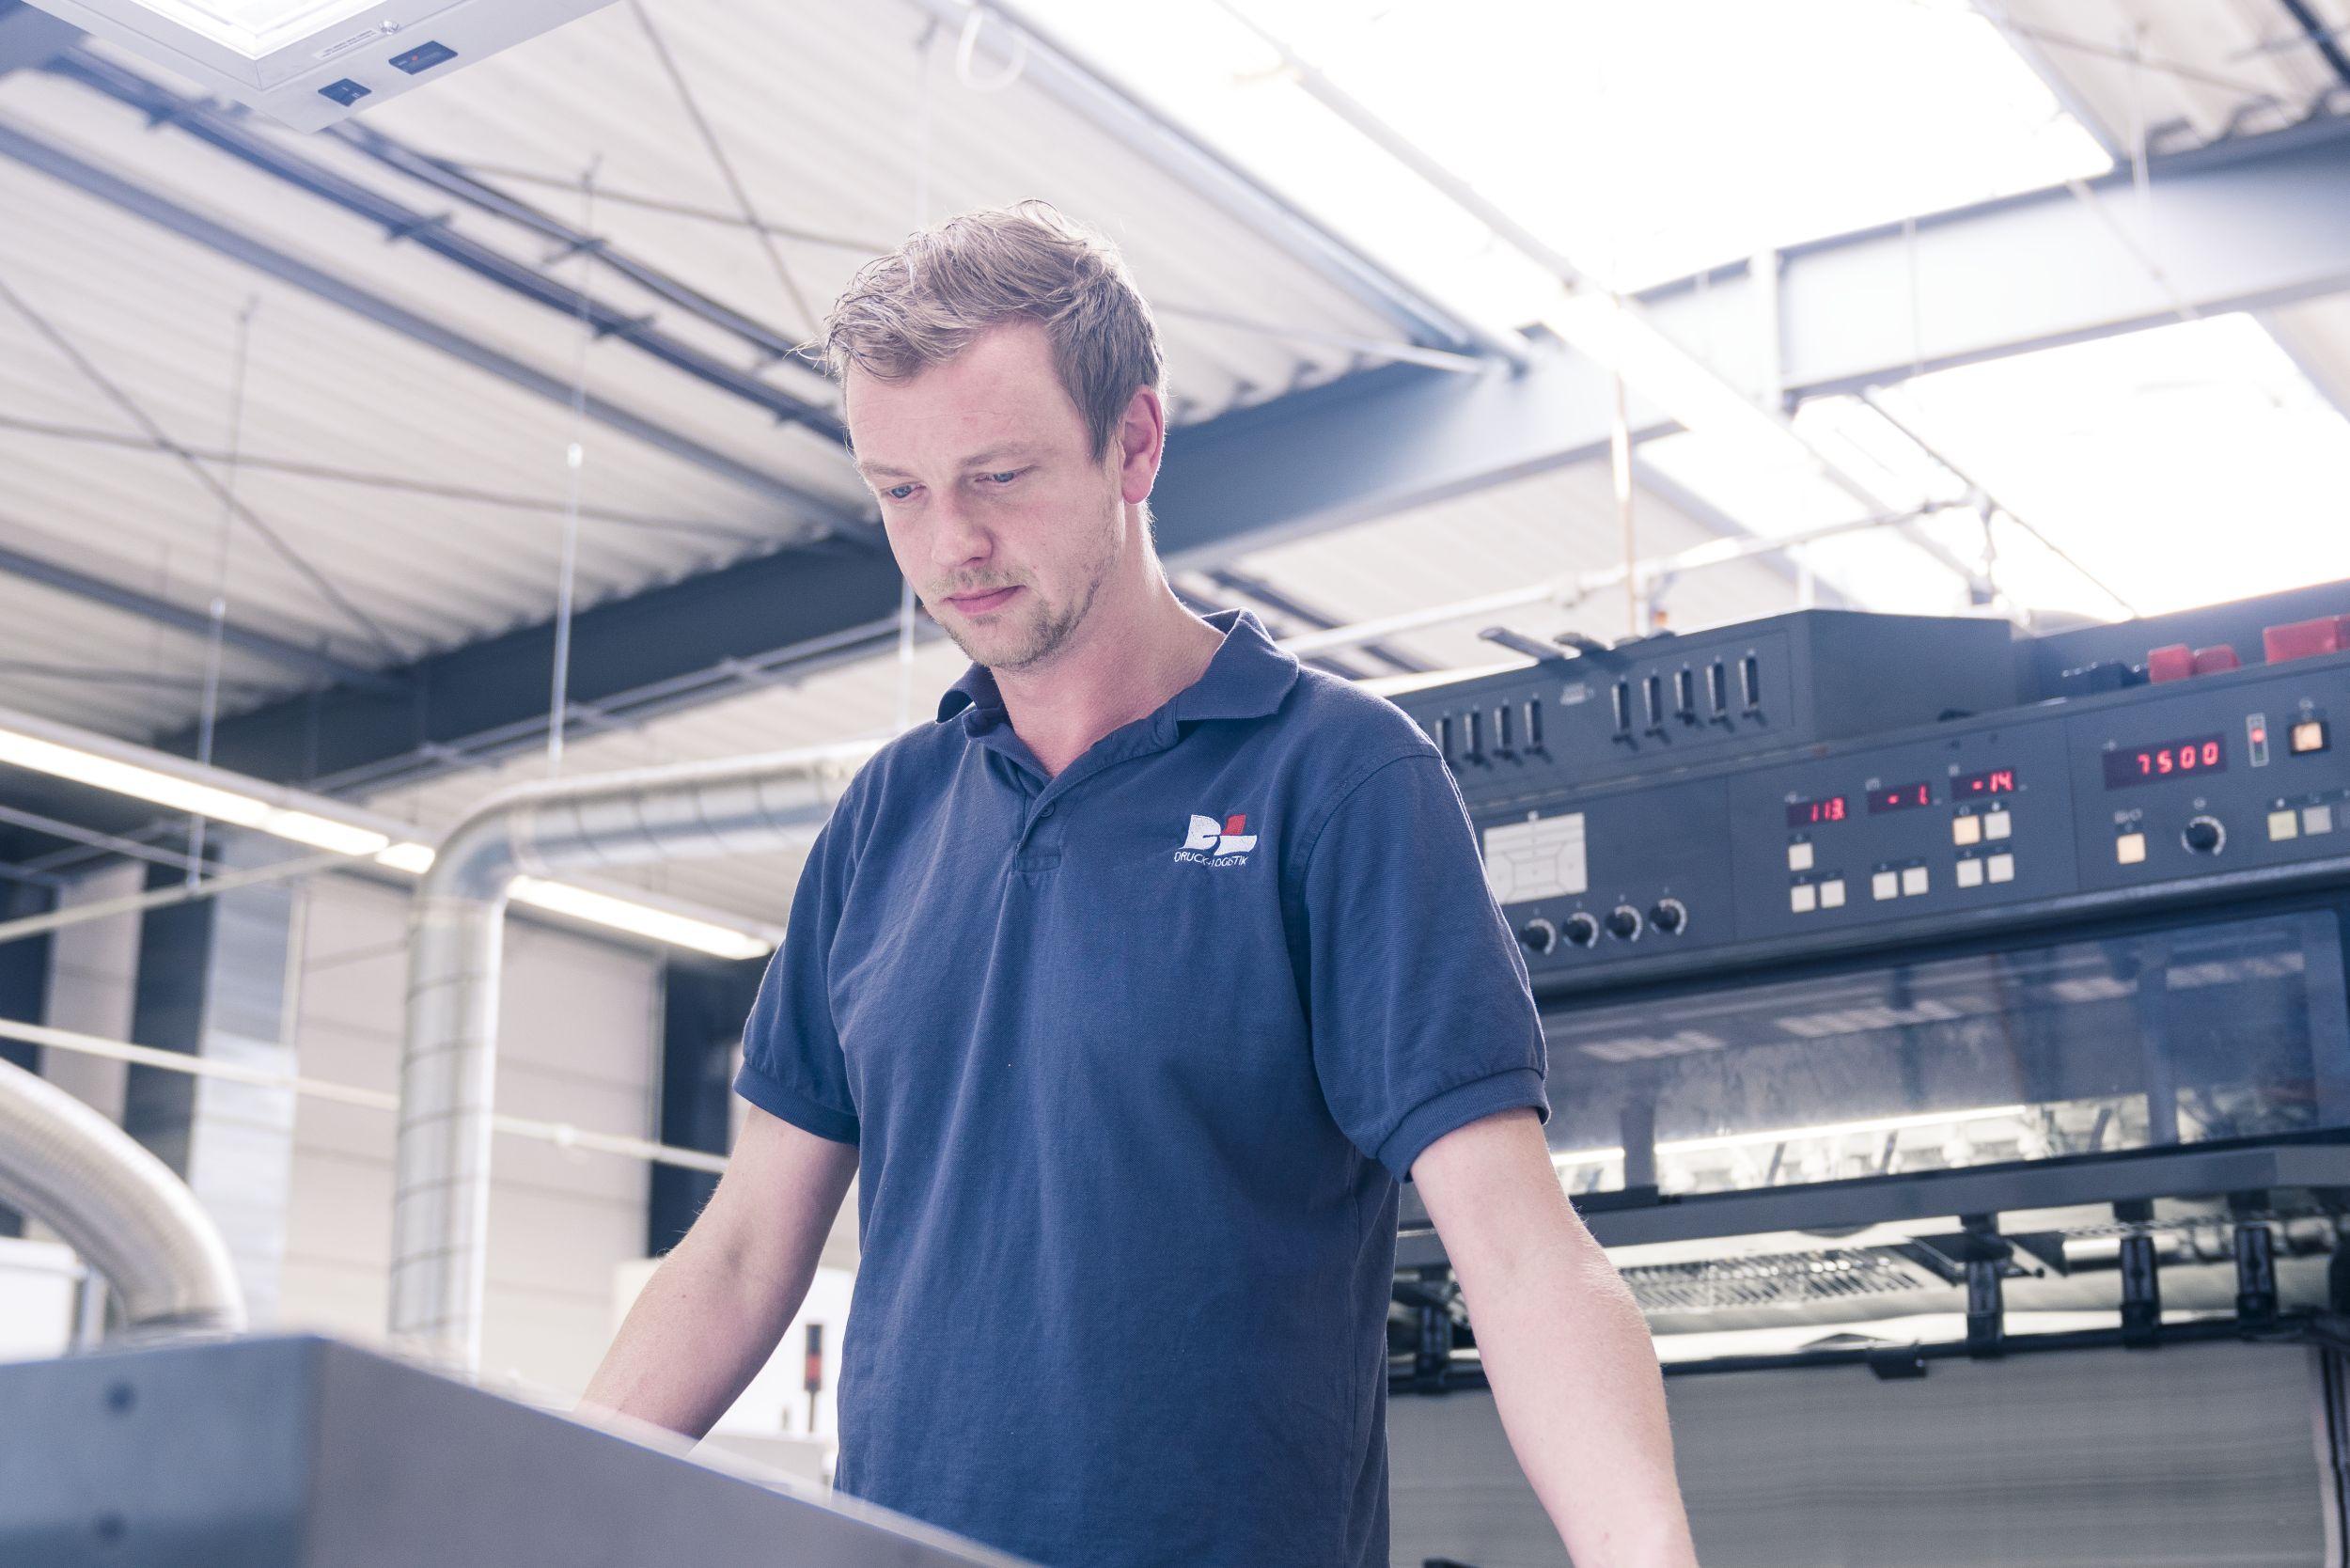 Bedienungsanleitungen drucken bei D+L Printpartner in Bocholt (NRW)